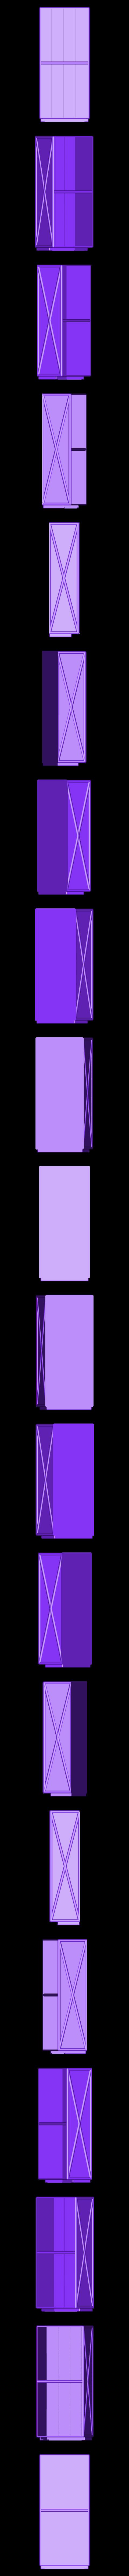 Tueten-Lager_V3-tubes.stl Télécharger fichier STL gratuit Boîte à compartiments personnalisable V3 • Objet à imprimer en 3D, dede67